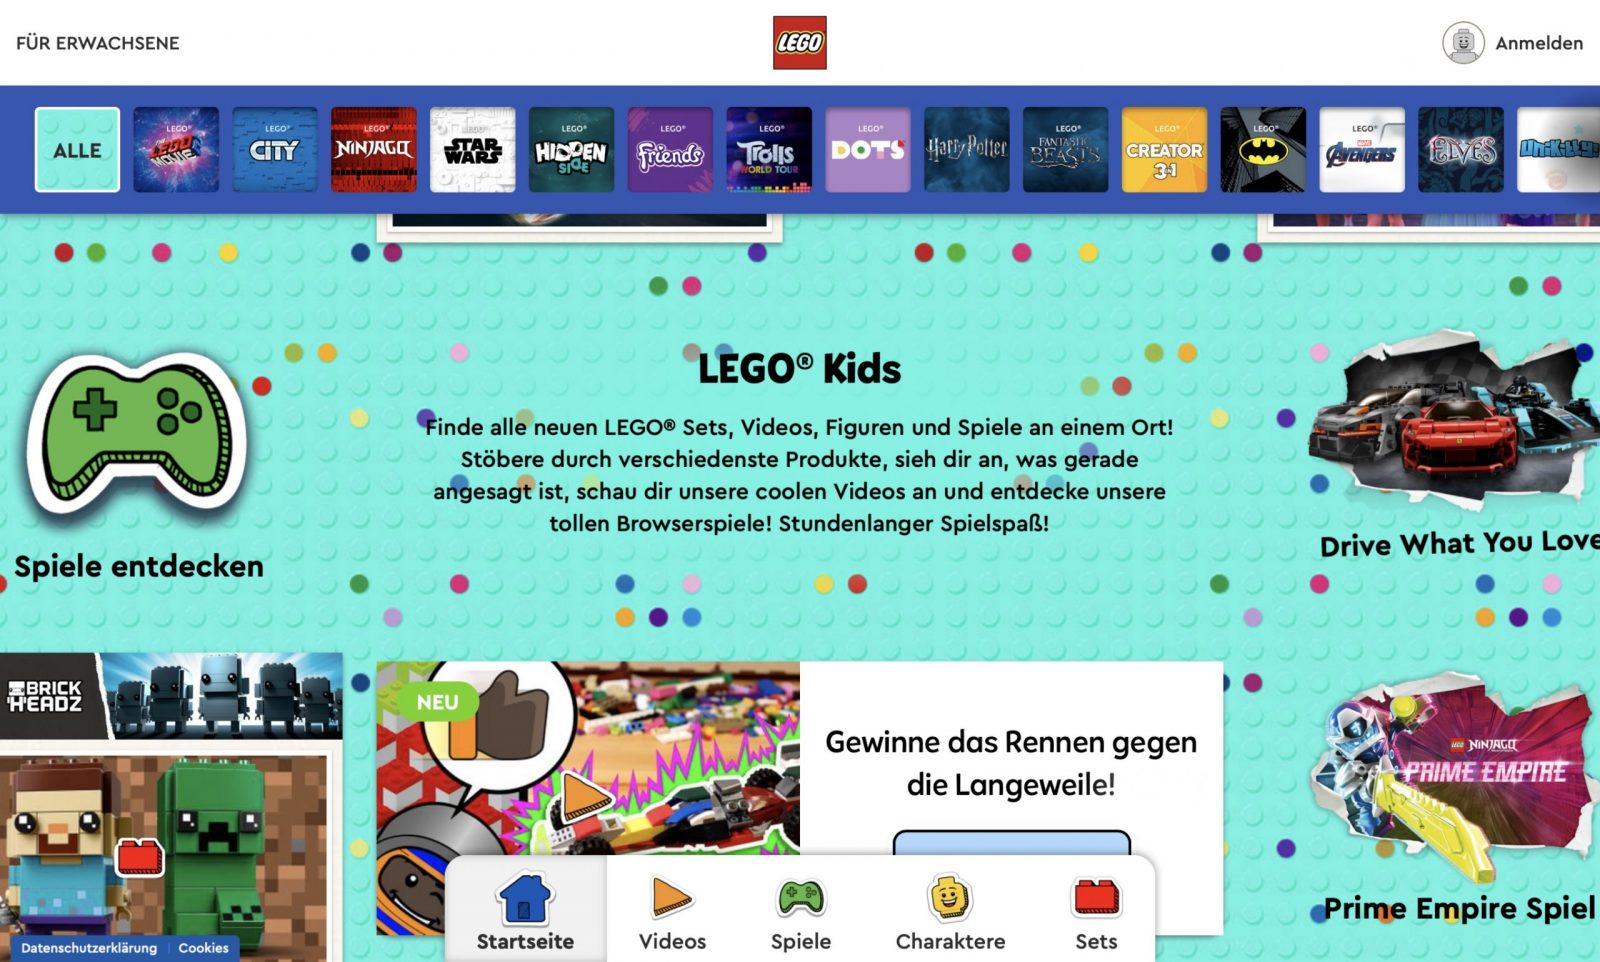 Screenshot der Marke Lego Spielwaren